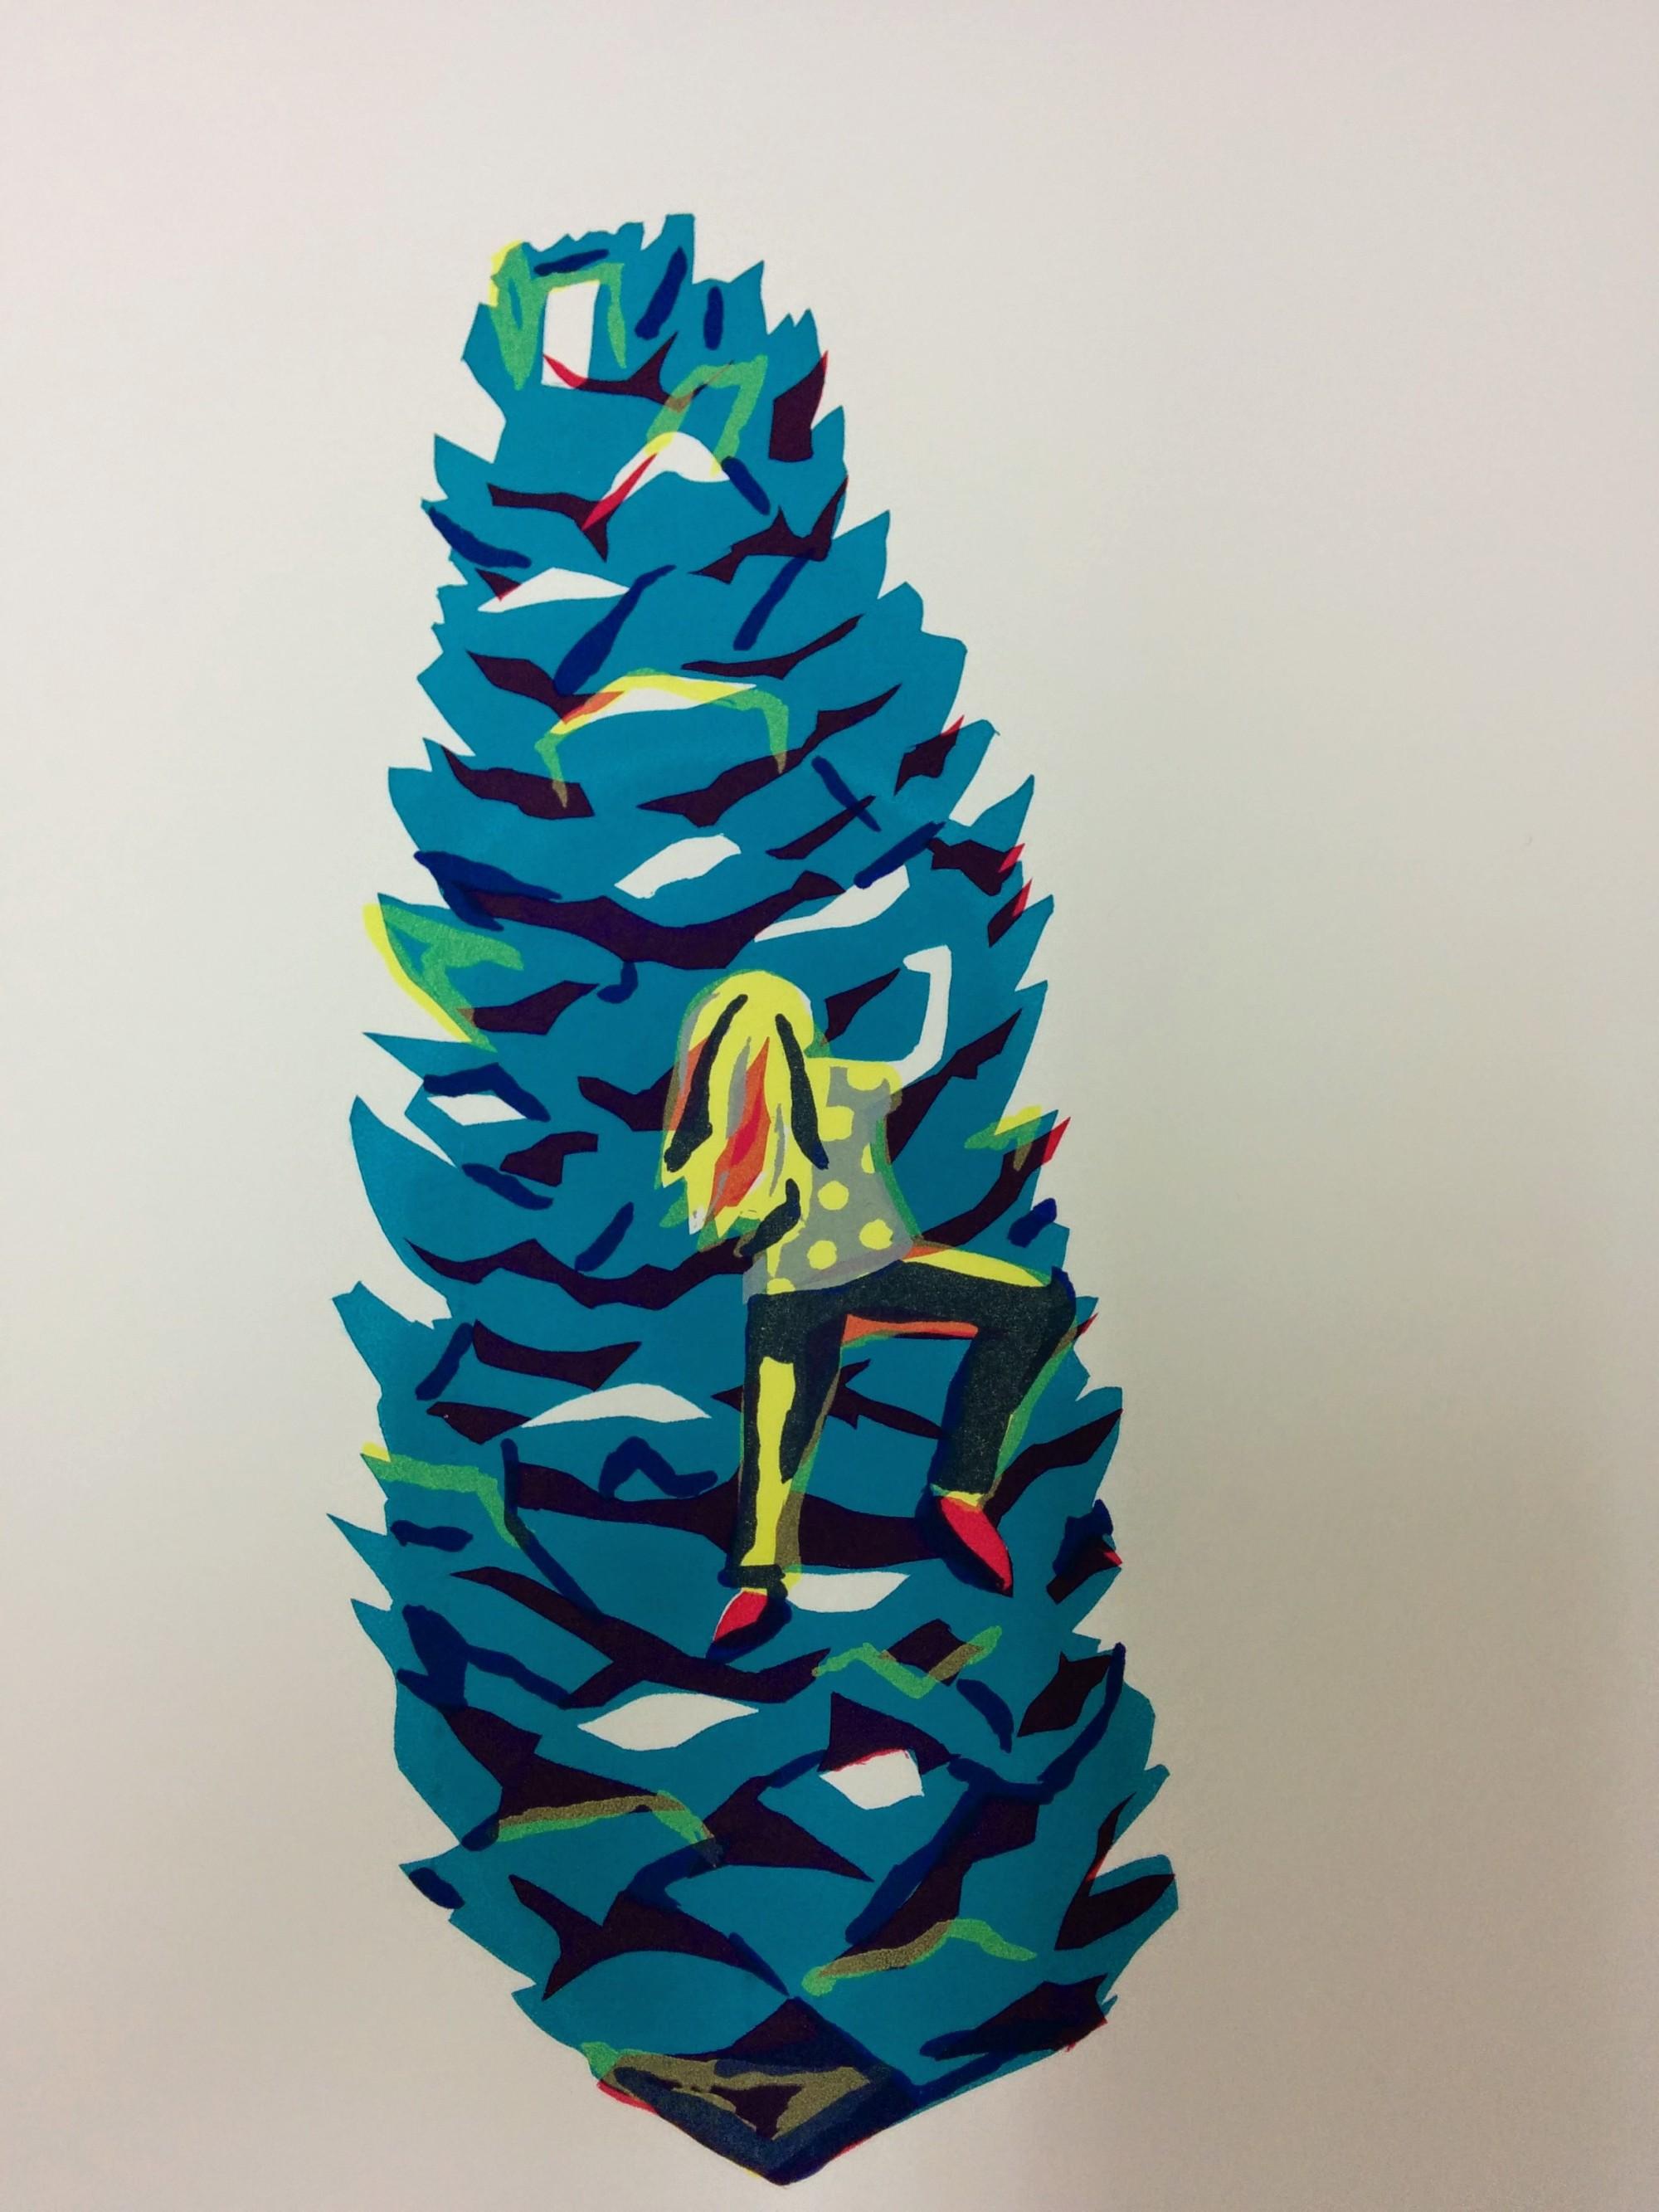 Hand pulled silk screen print of girl climbing a fir cone by Joanne Mass